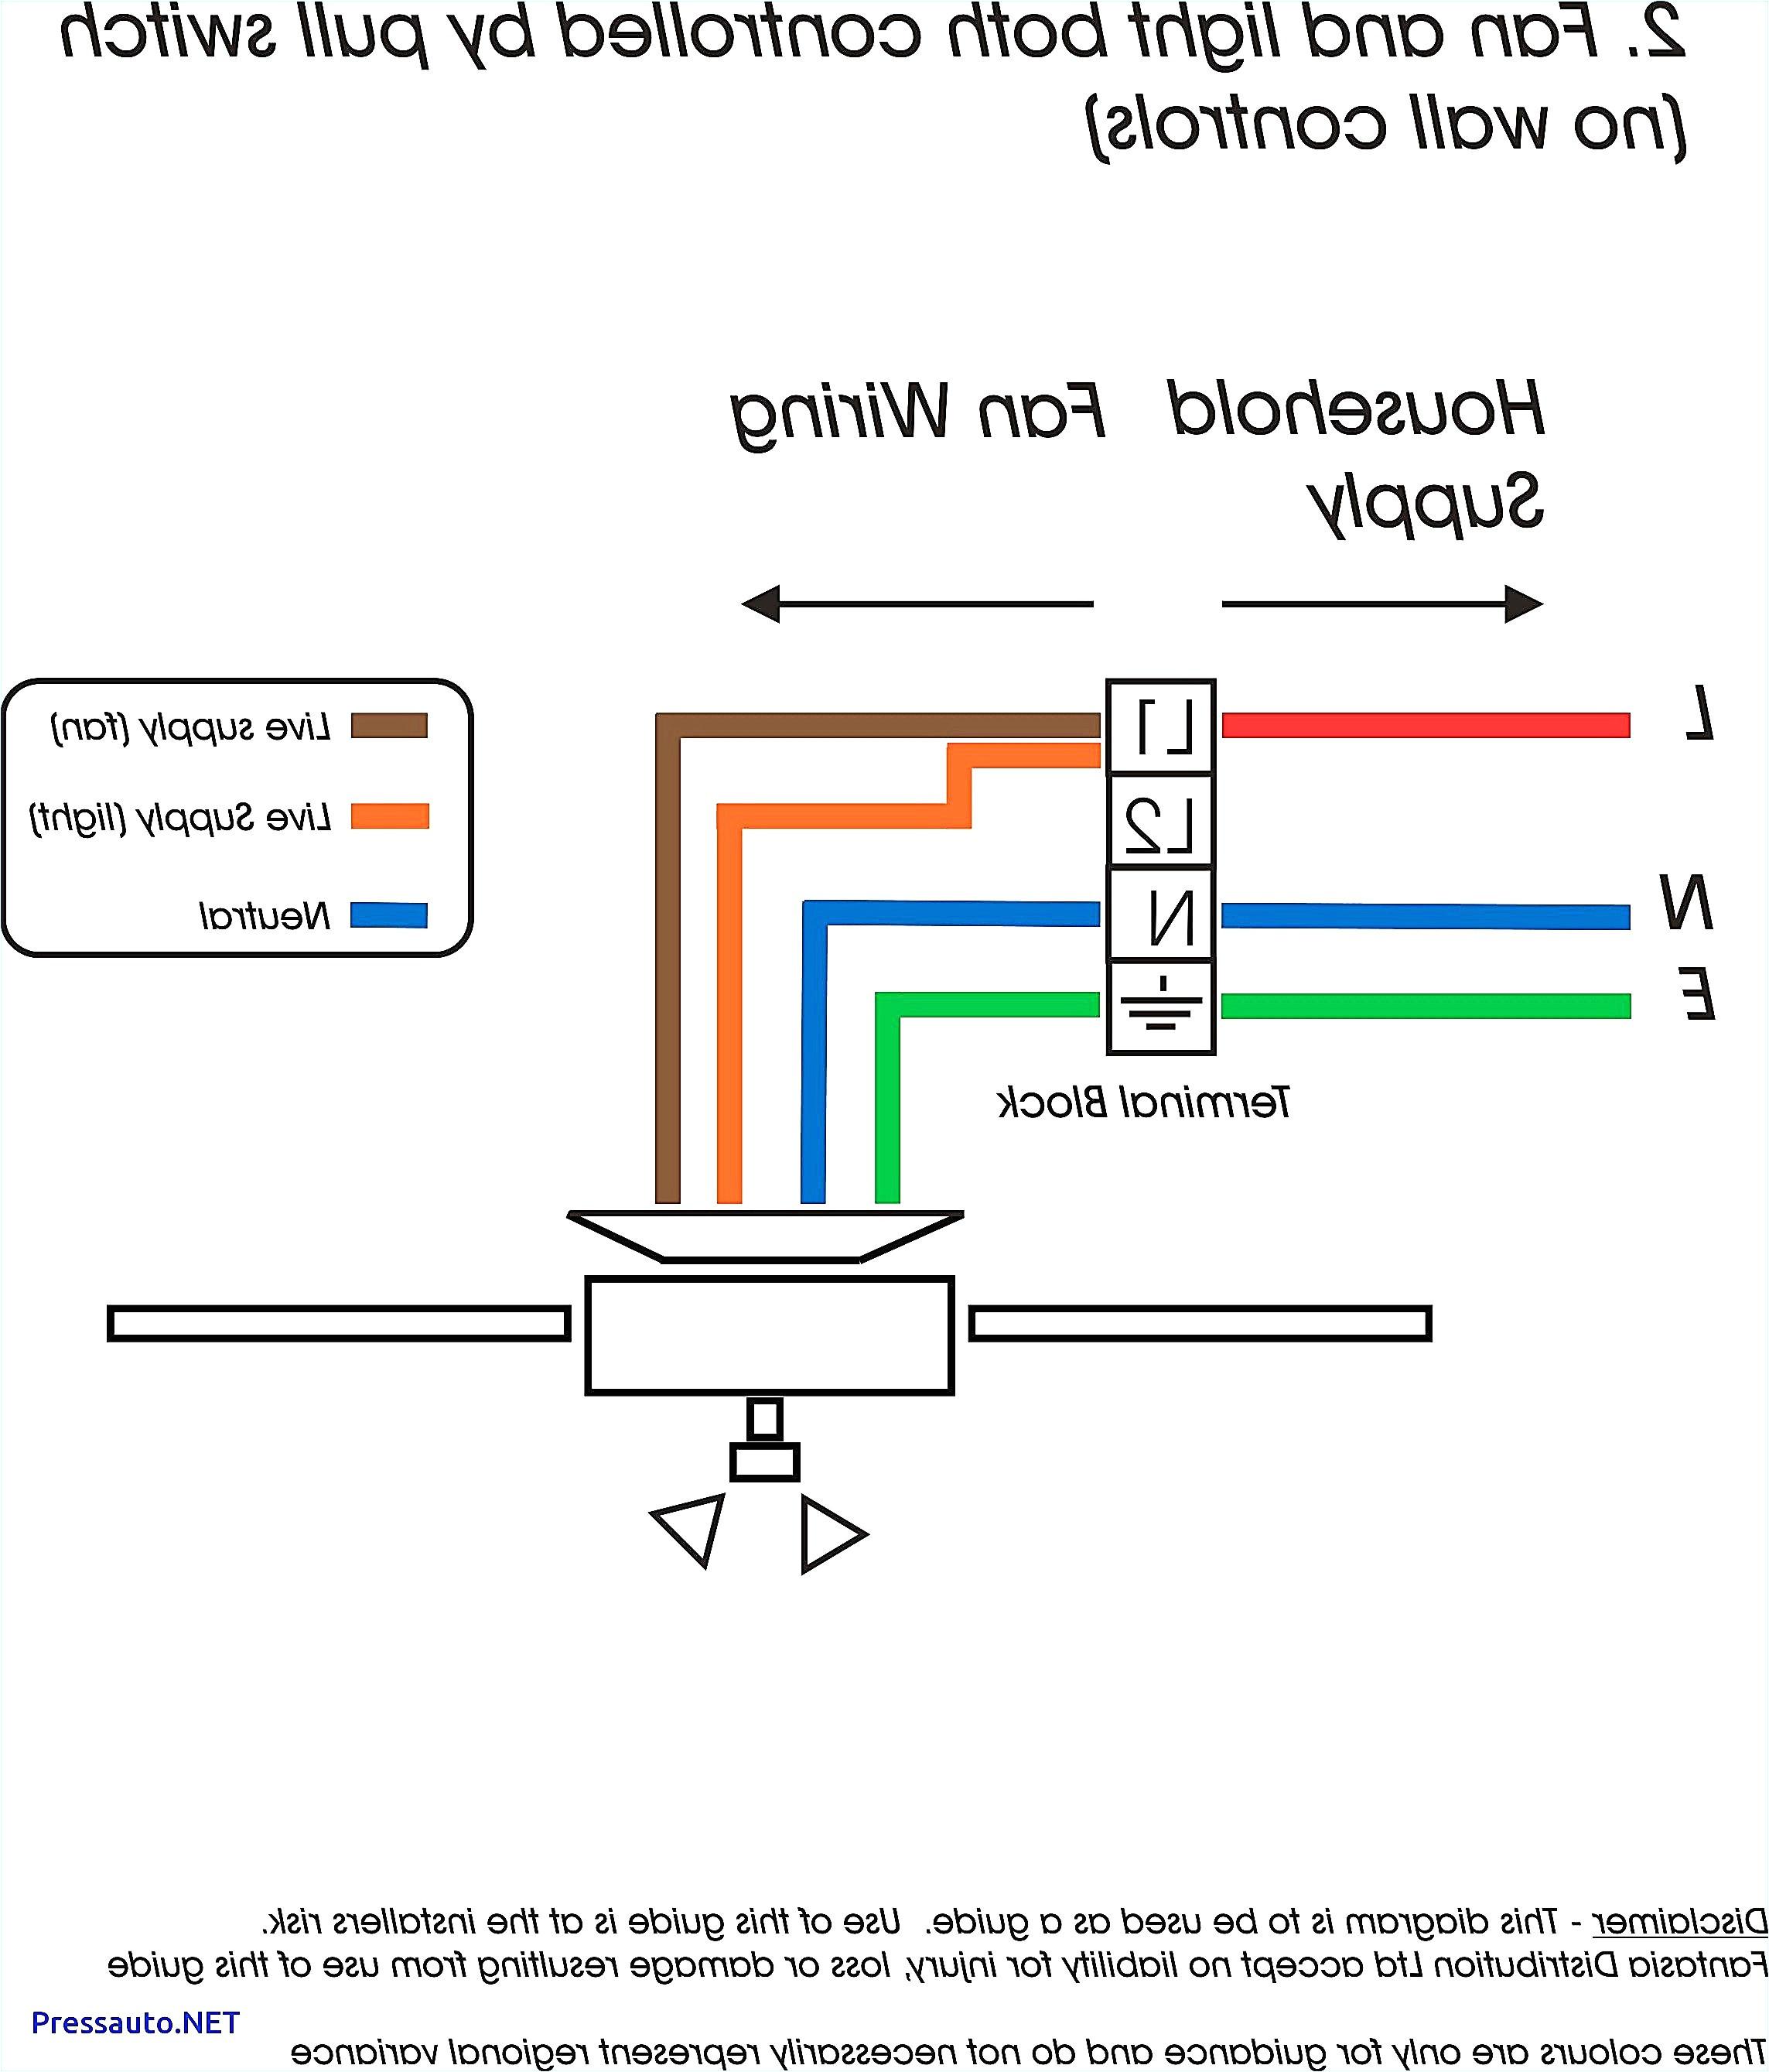 2012 hyundai sonata wiring diagram lovely 12 hyundai accent simple 2015 hyundai sonata wiring diagram